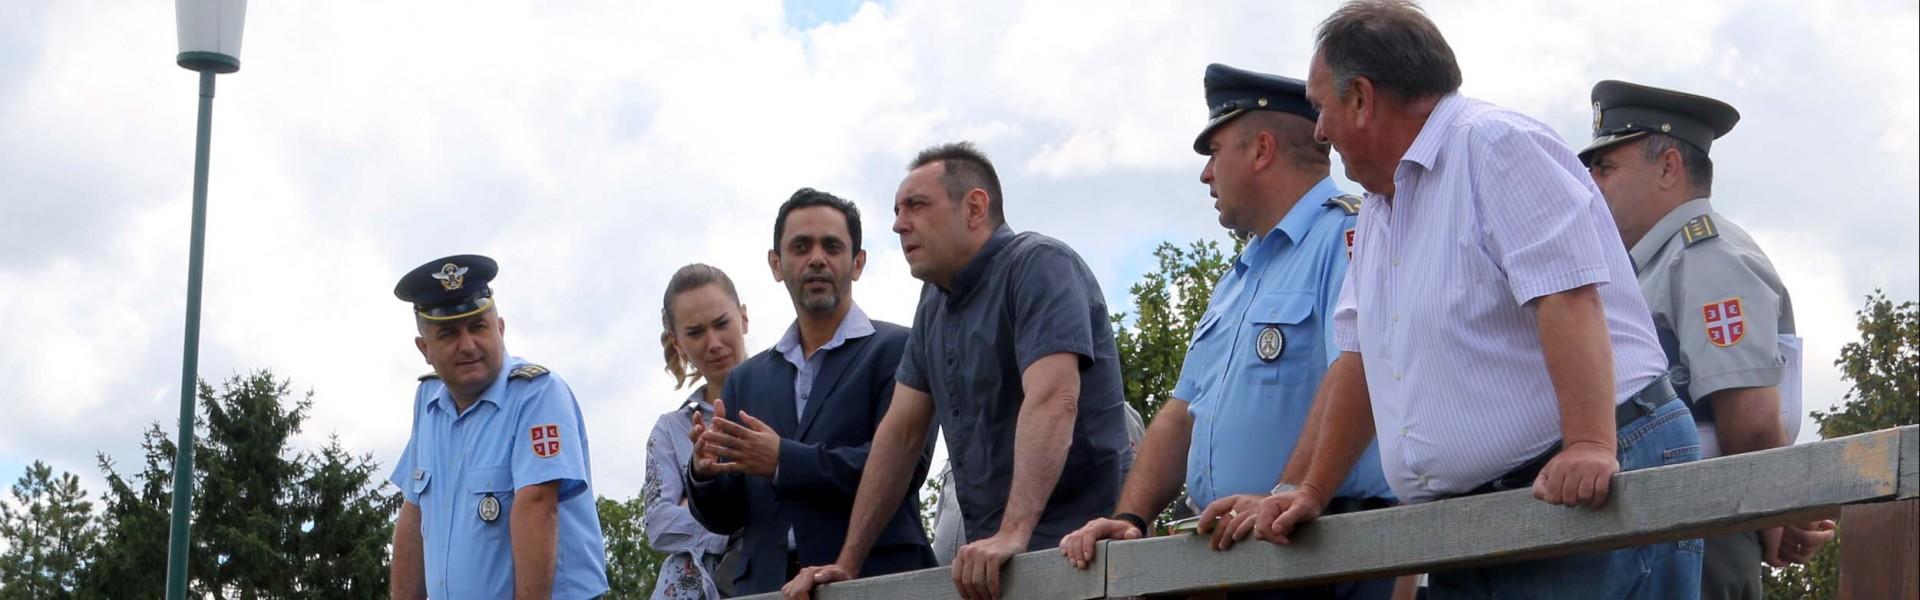 """Министар Вулин: Ергелу """"Карађорђево"""" Војска обнавља својим новцем, знањем и људима"""